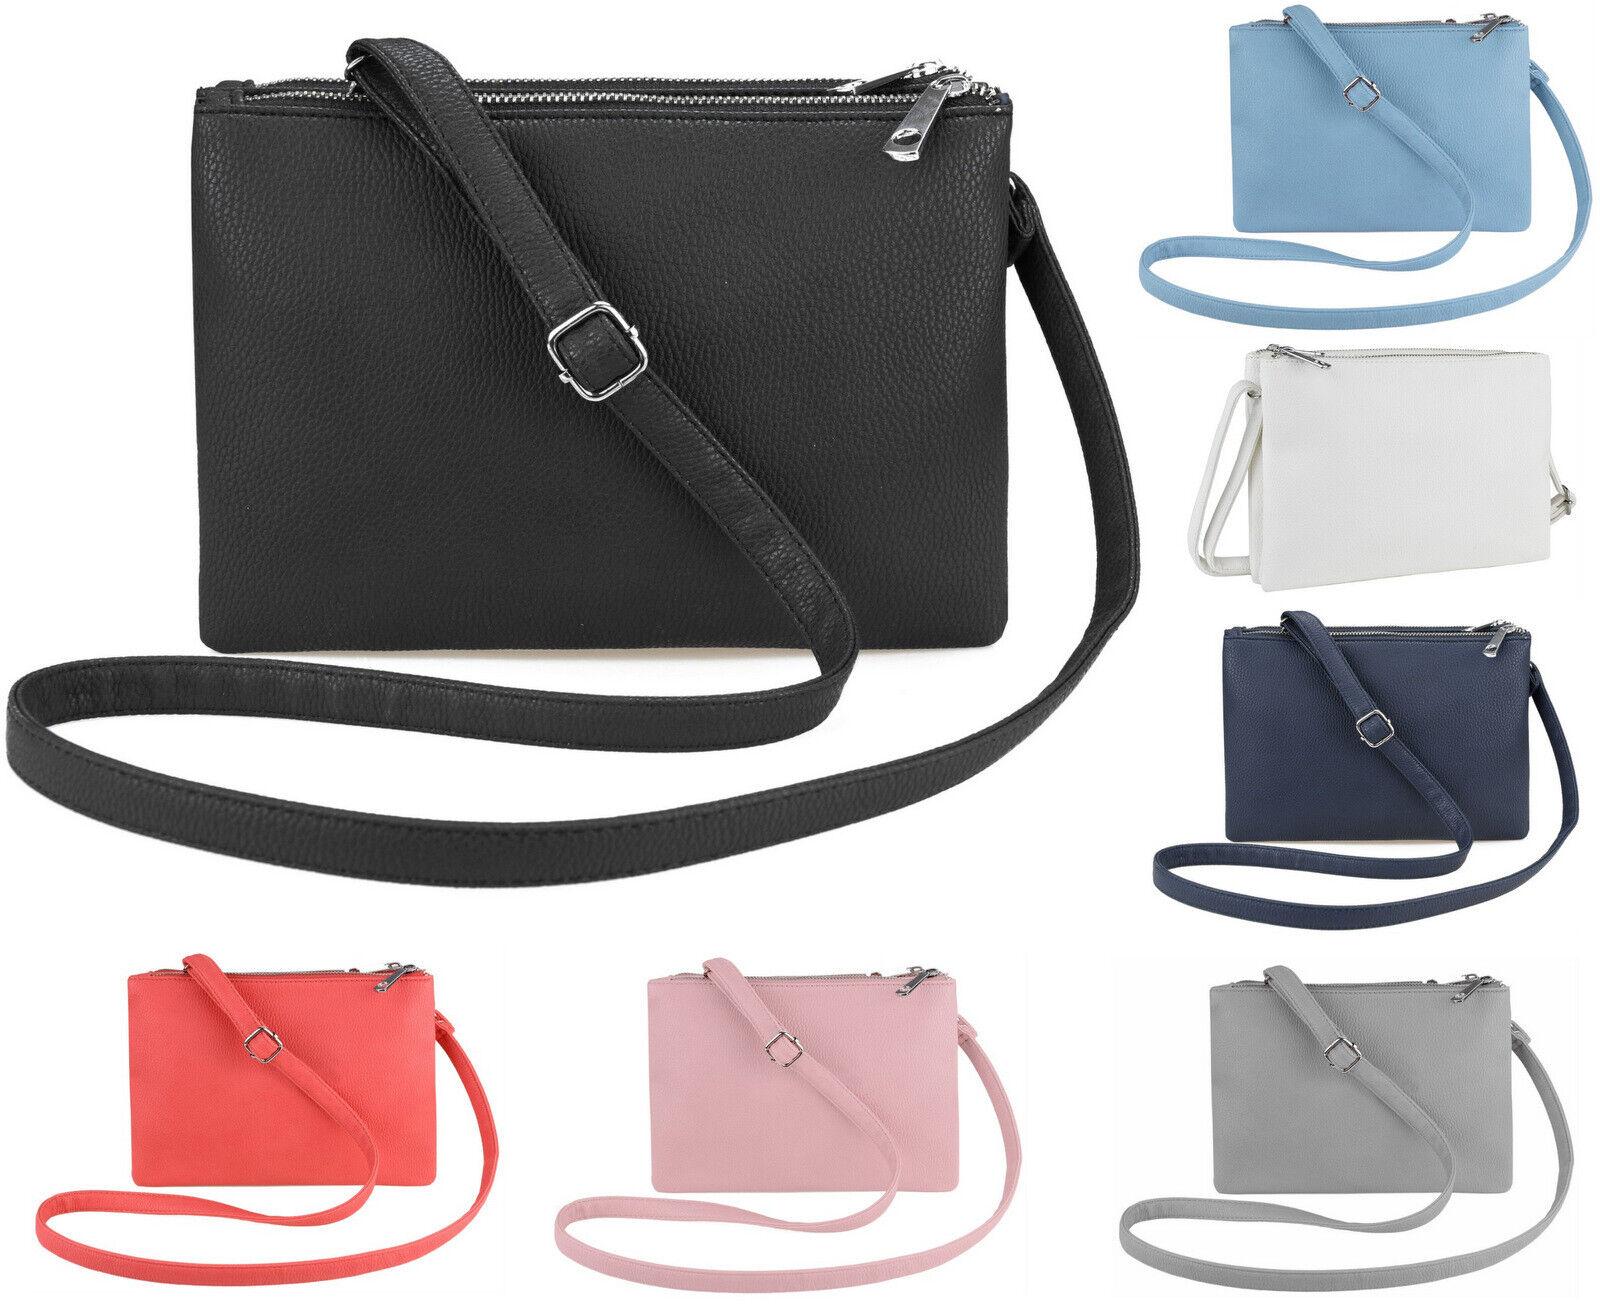 Damen Handtasche Damentasche Schultertasche Umhängetasche Crossover Clutch FB245